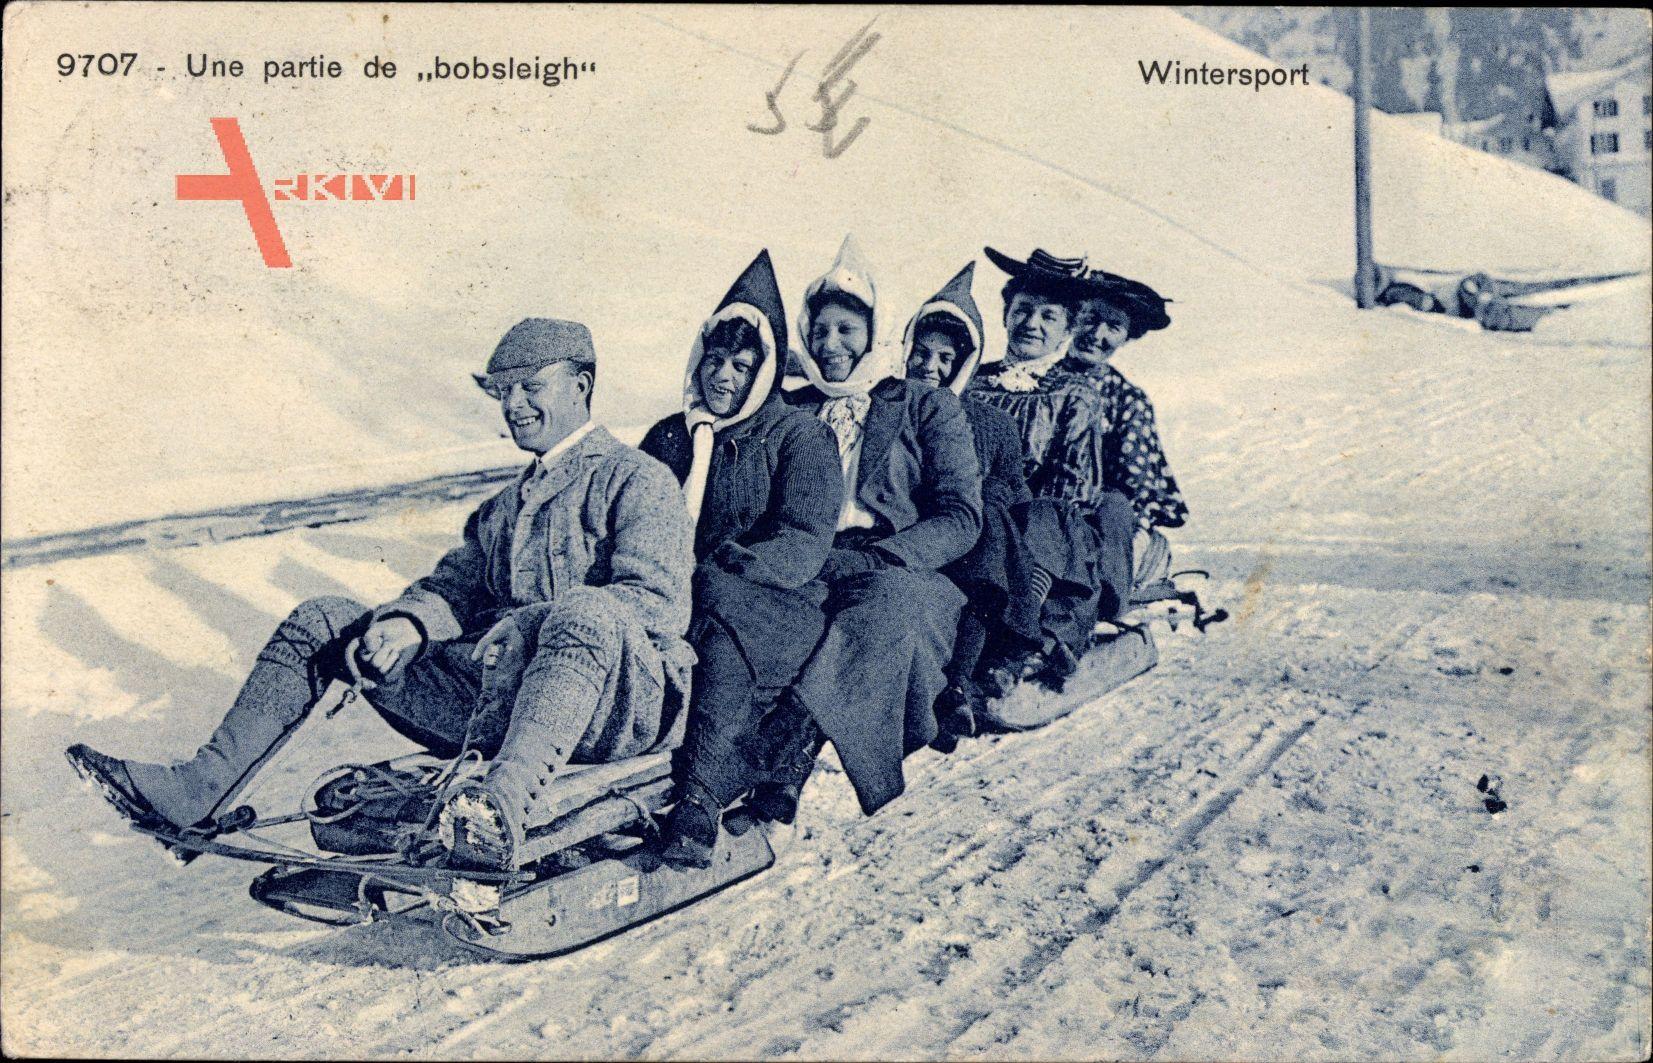 Wintersport, Une partie de Bobsleigh, Schlittenfahrt, Wintersport